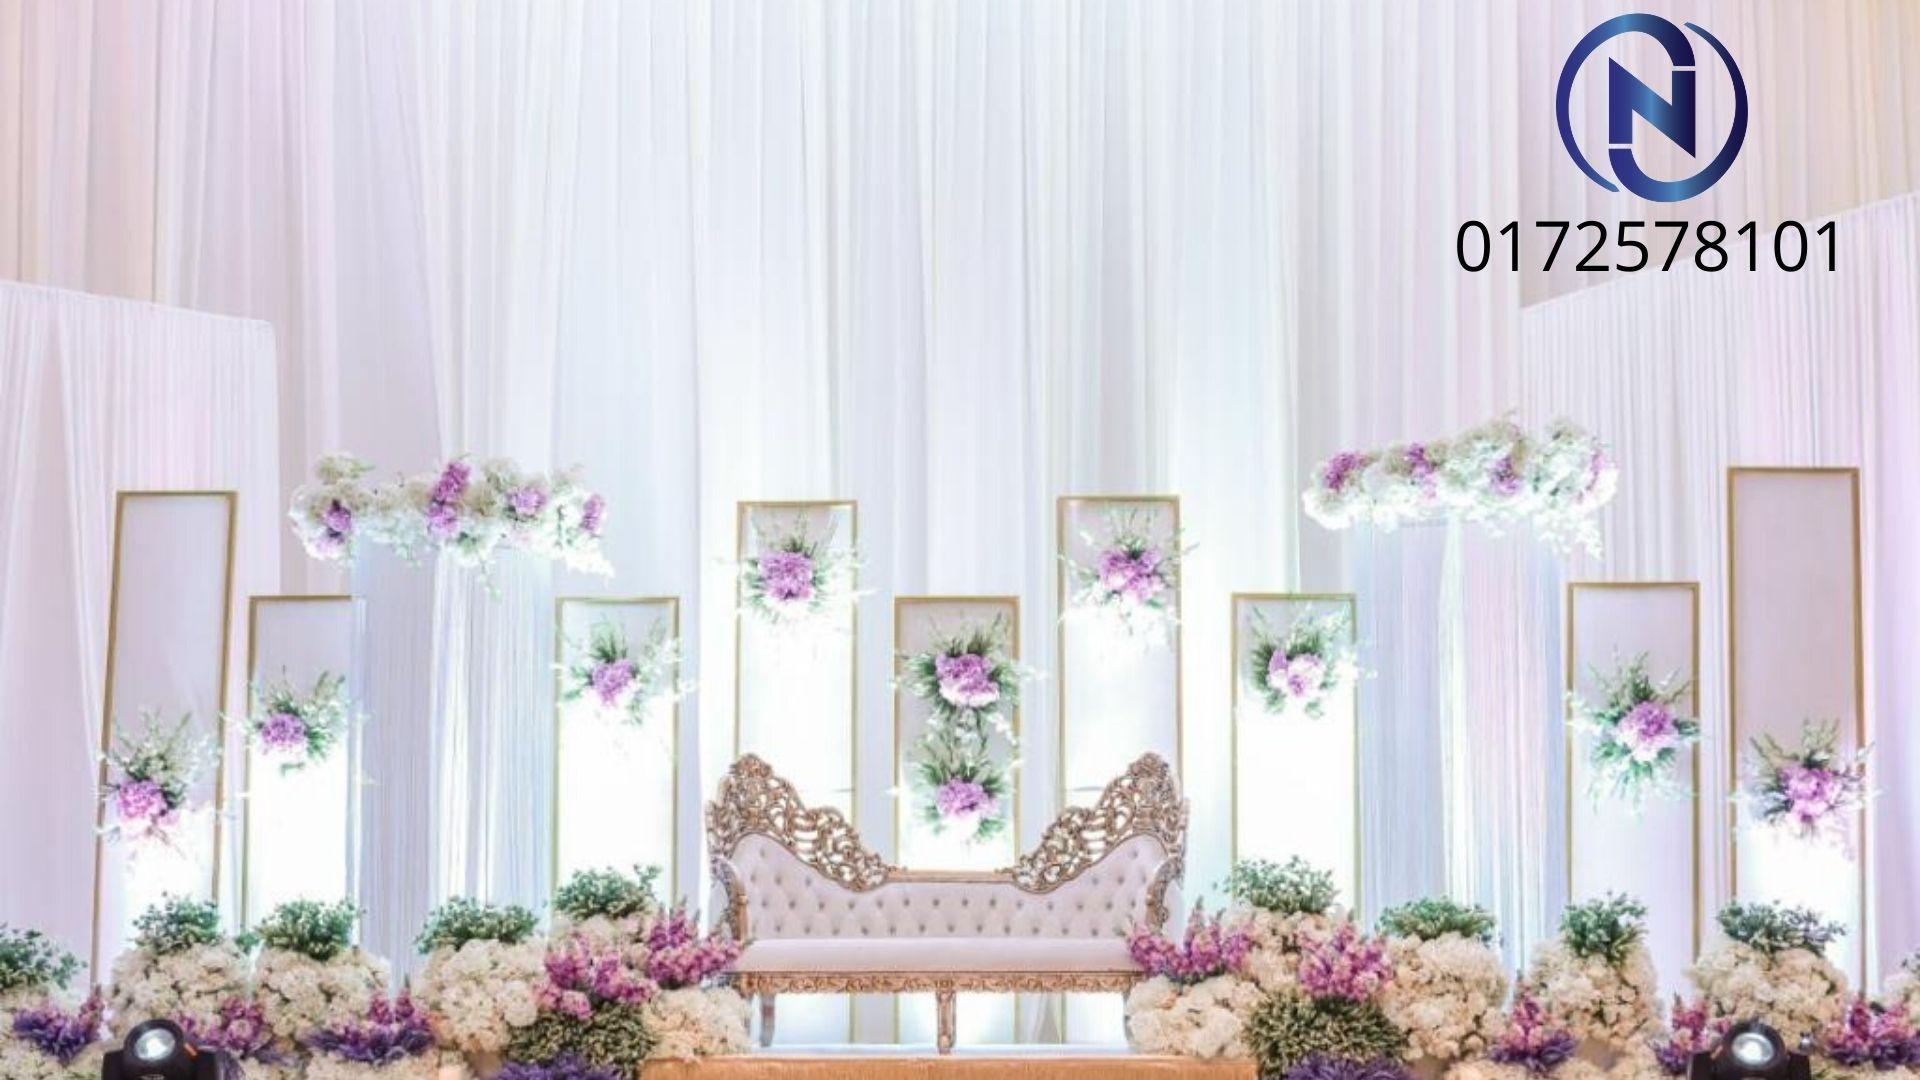 najiha-online-pakej-perkahwinan-dewan-pekerti-seremban-lake-garden